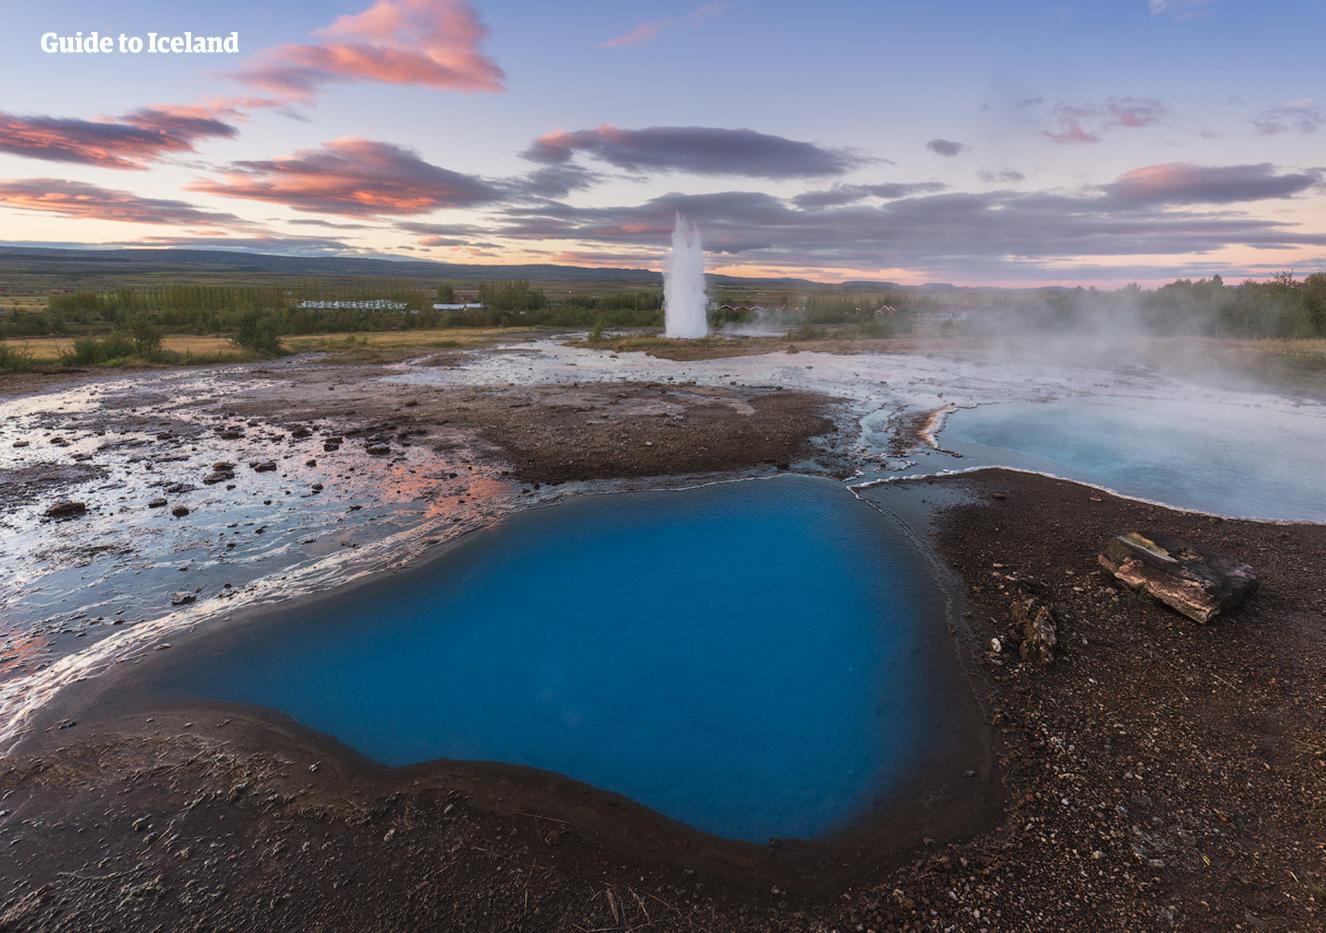 Die Geothermalregion Geysir beherbergt zahlreiche, faszinierende geologische Besonderheiten, darunter auch der Geysir Strokkur.